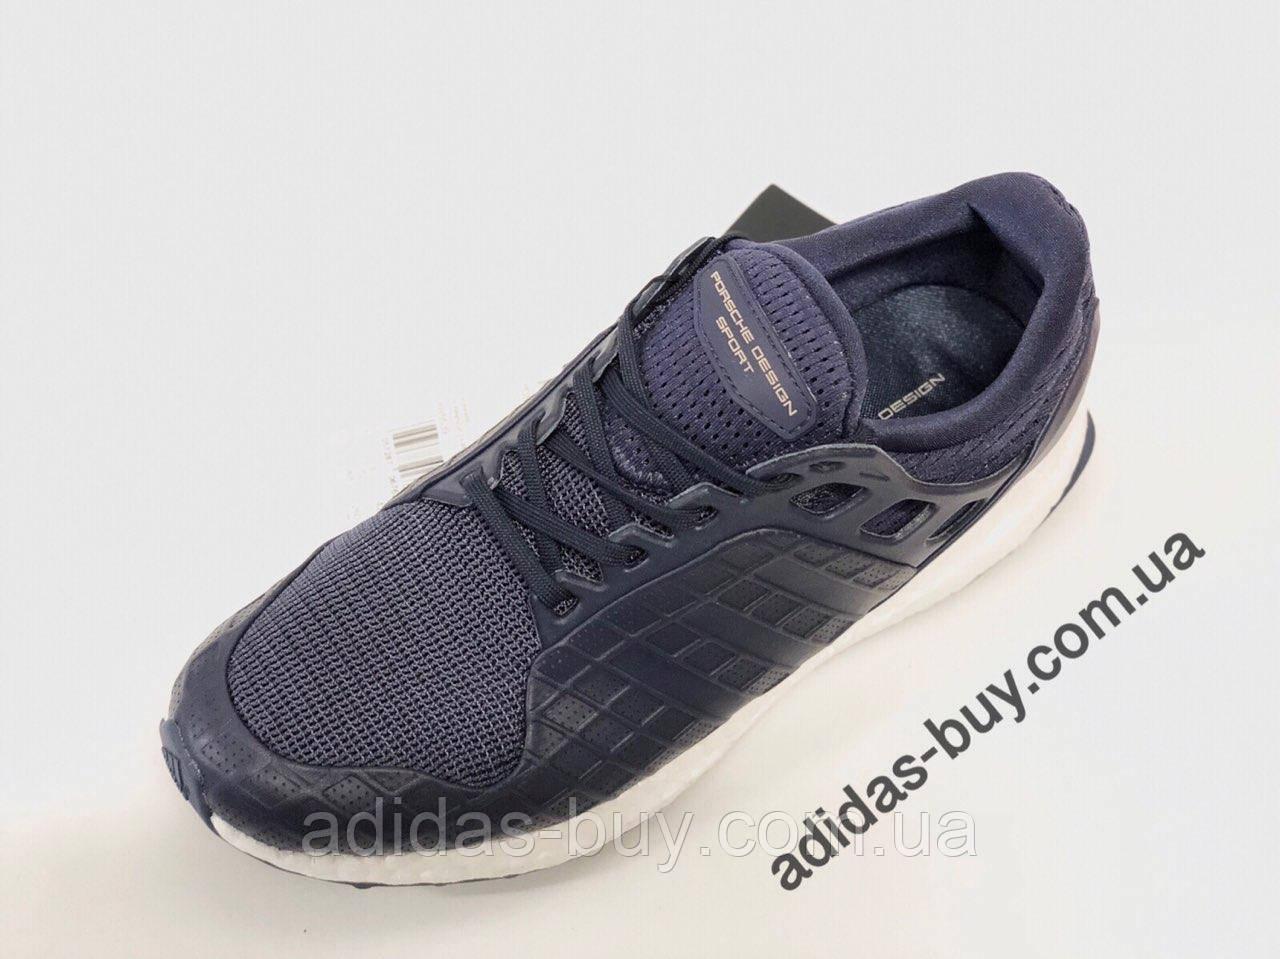 Оригинальные эксклюзивные Мужские кроссовки Adidas Porsche Design PDS Ultra Boost BB5539